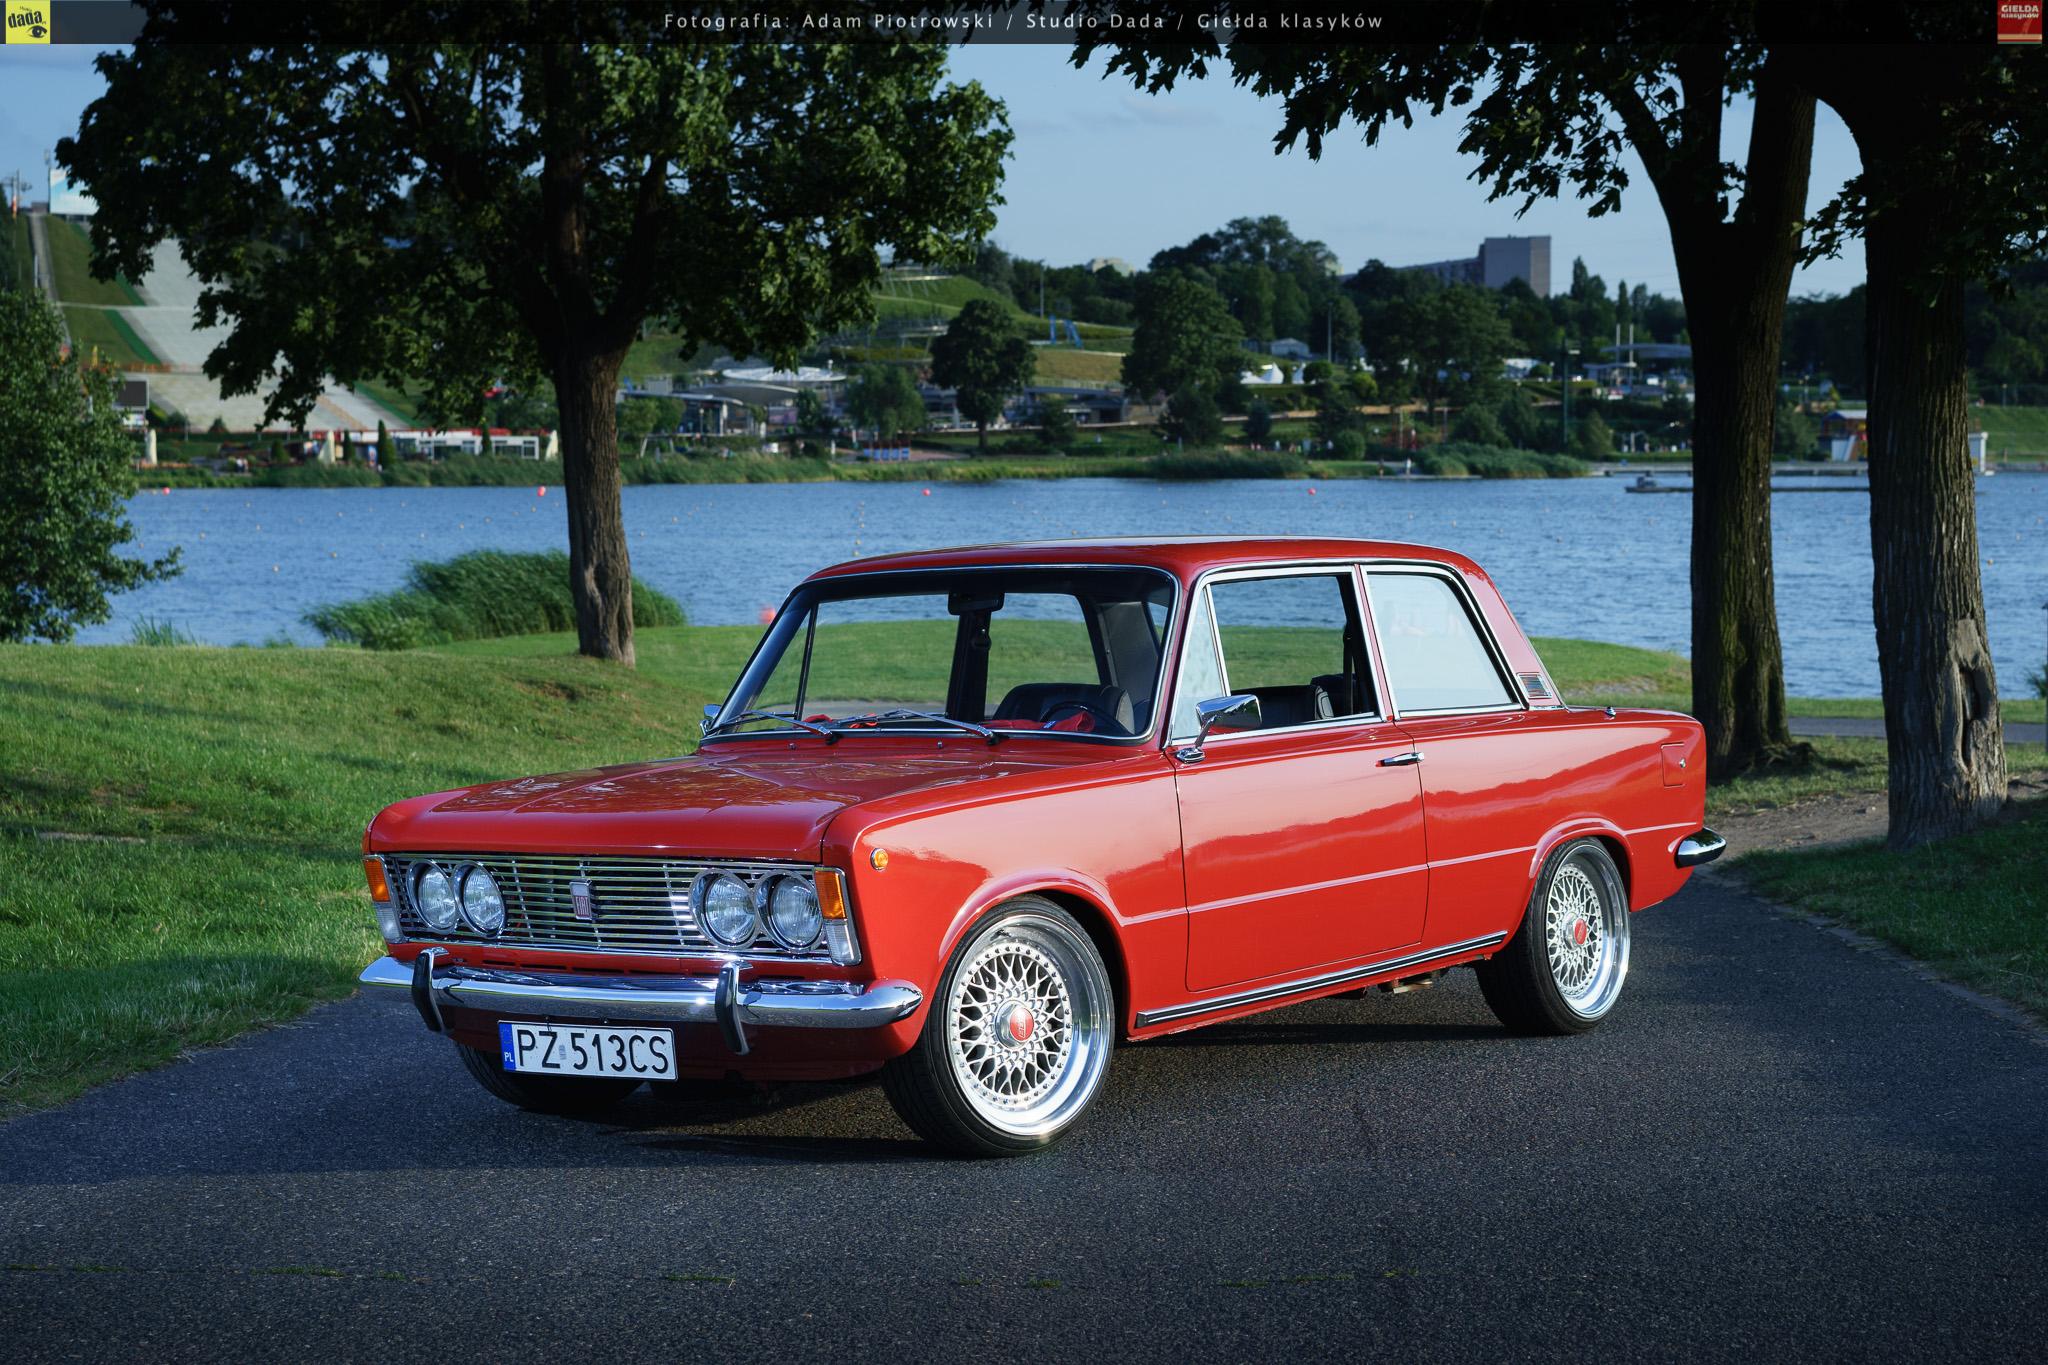 Fiat 125p R32 Coupe 1986 Sprzedany Giełda Klasyk 243 W